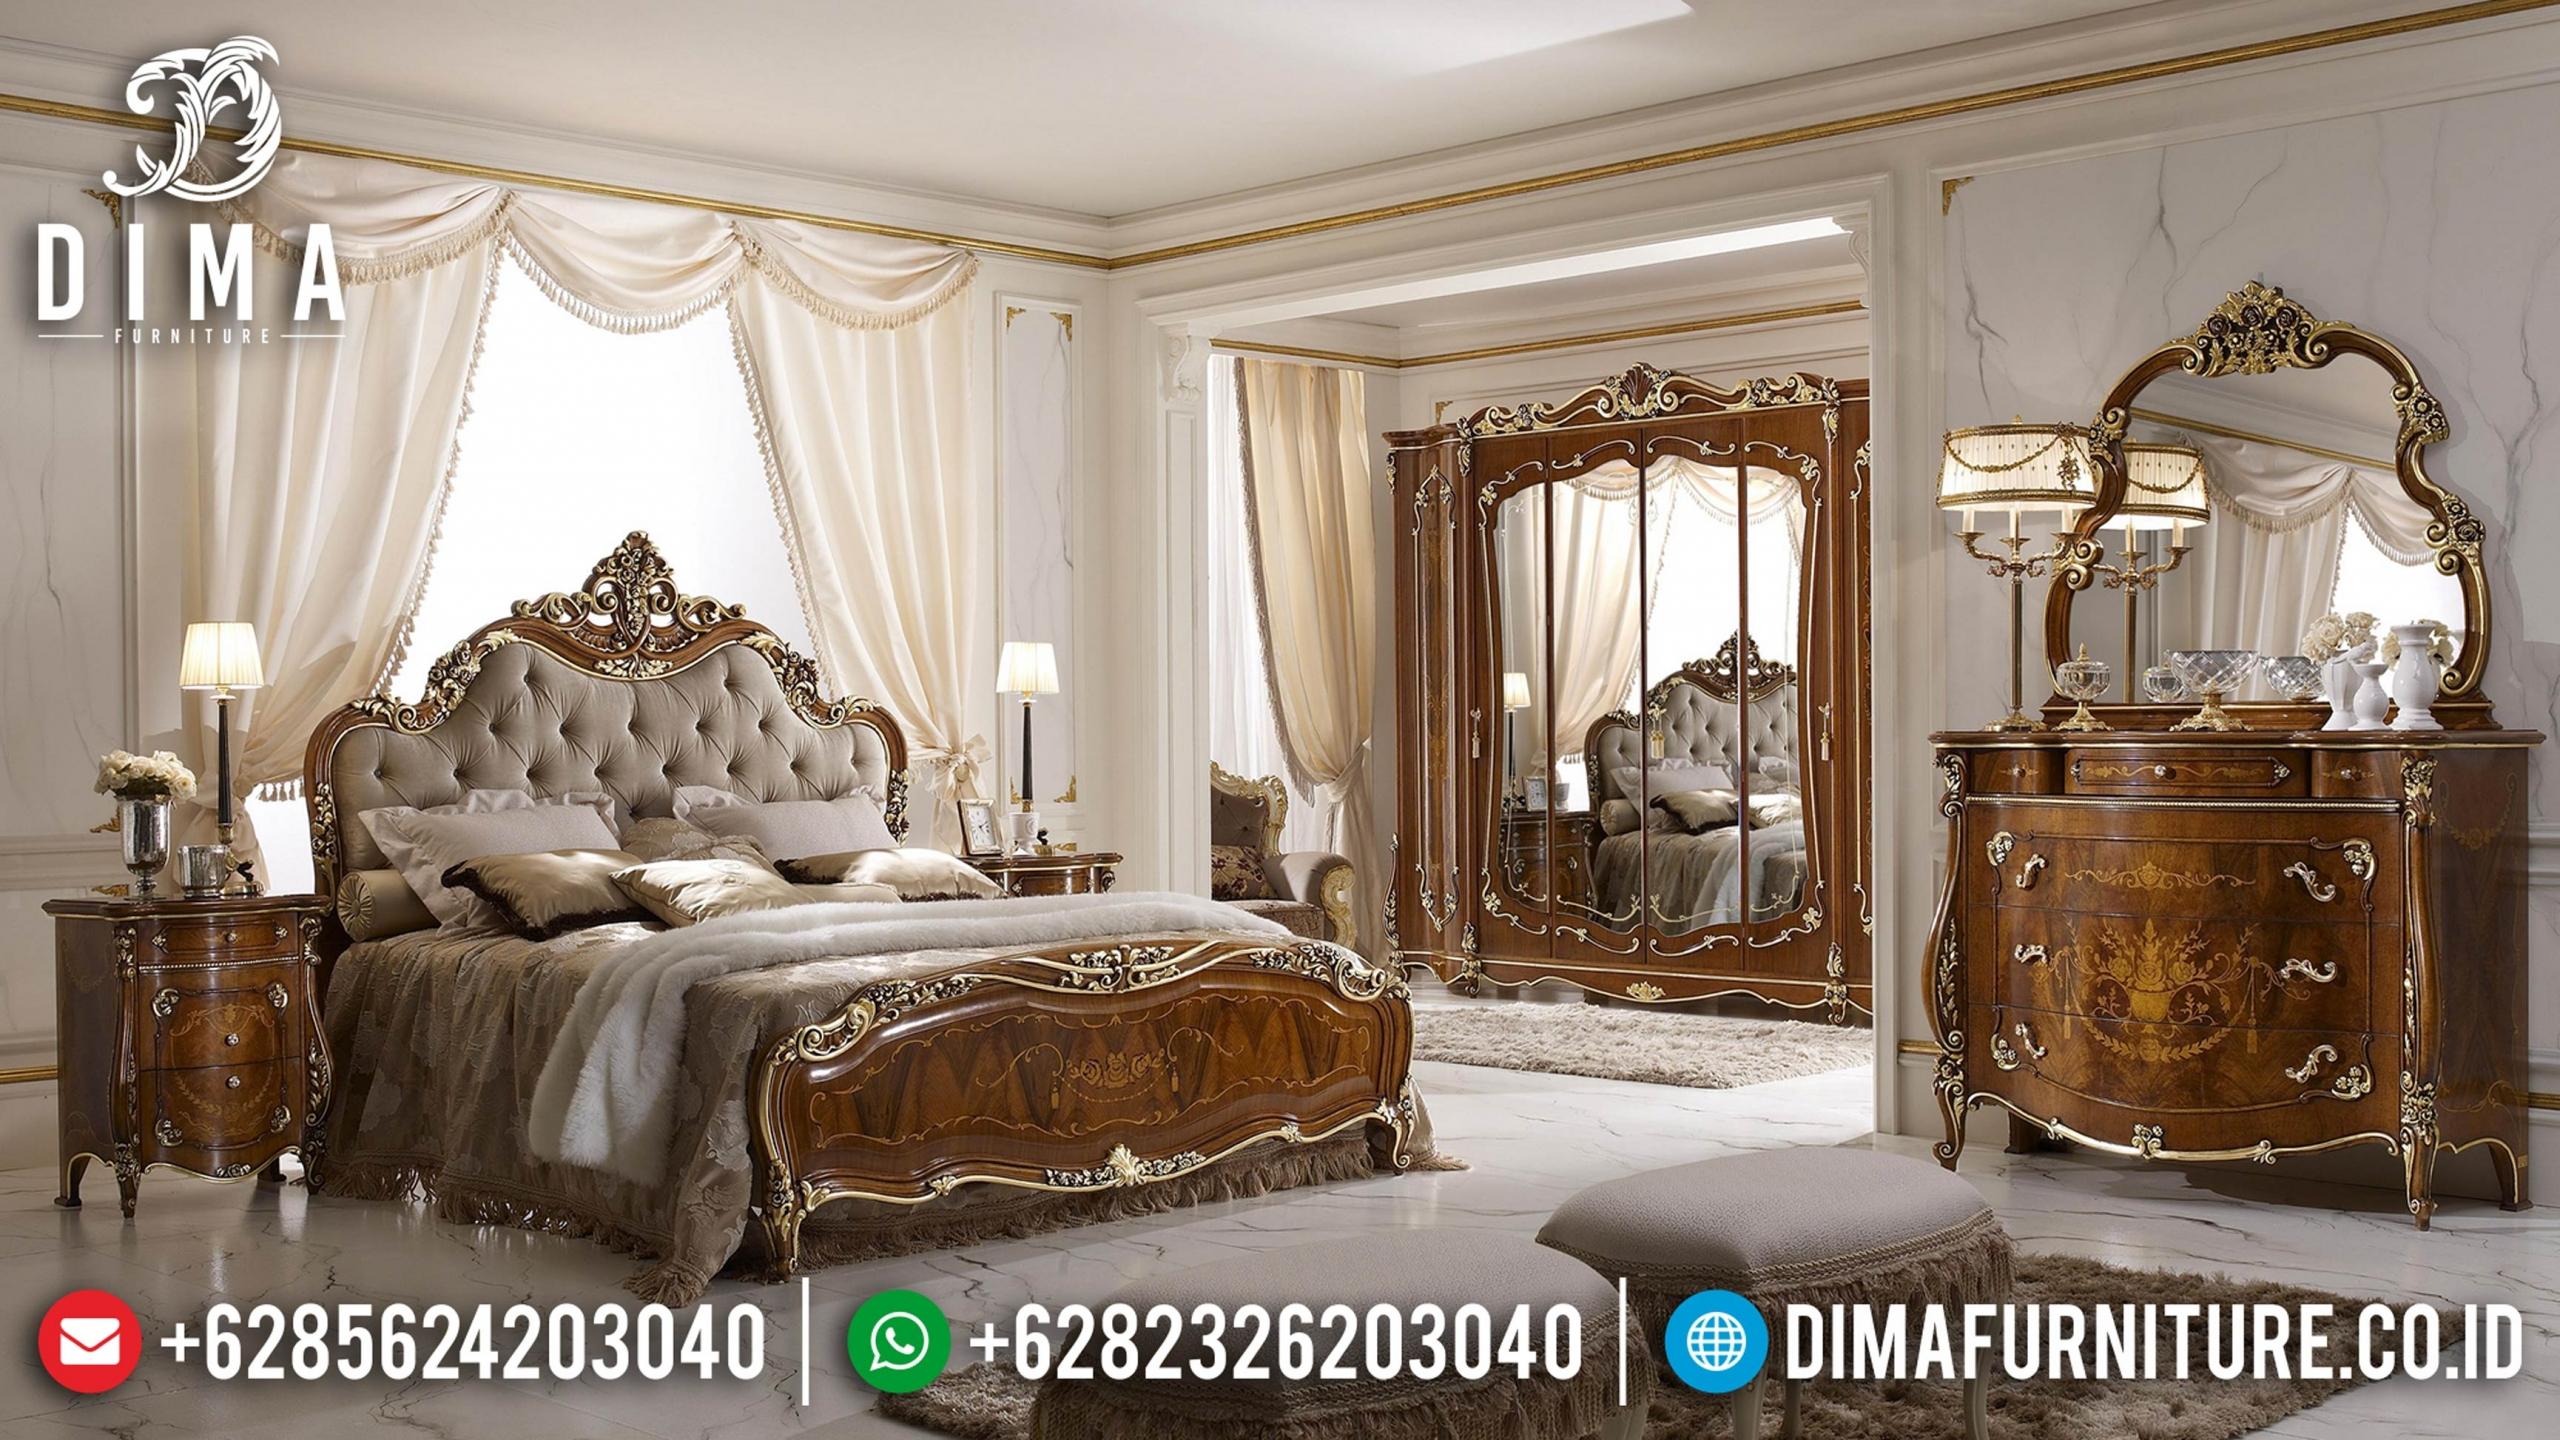 Jual Tempat Tidur Jepara Mewah Ukir Natural Jati BT-0039